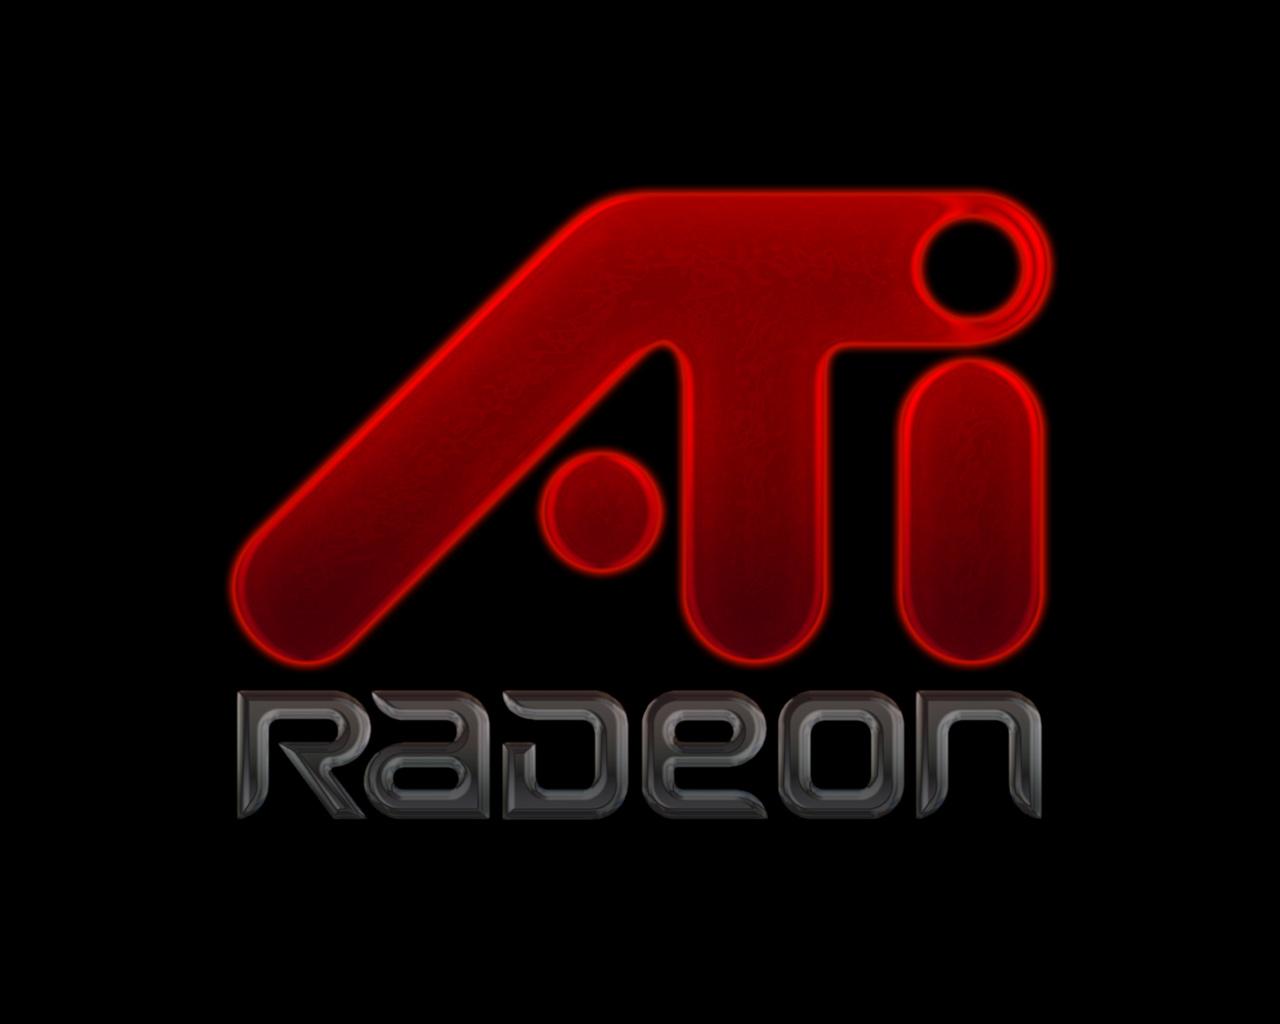 драйвер для amd radeon hd 6640g2 mobi скачать